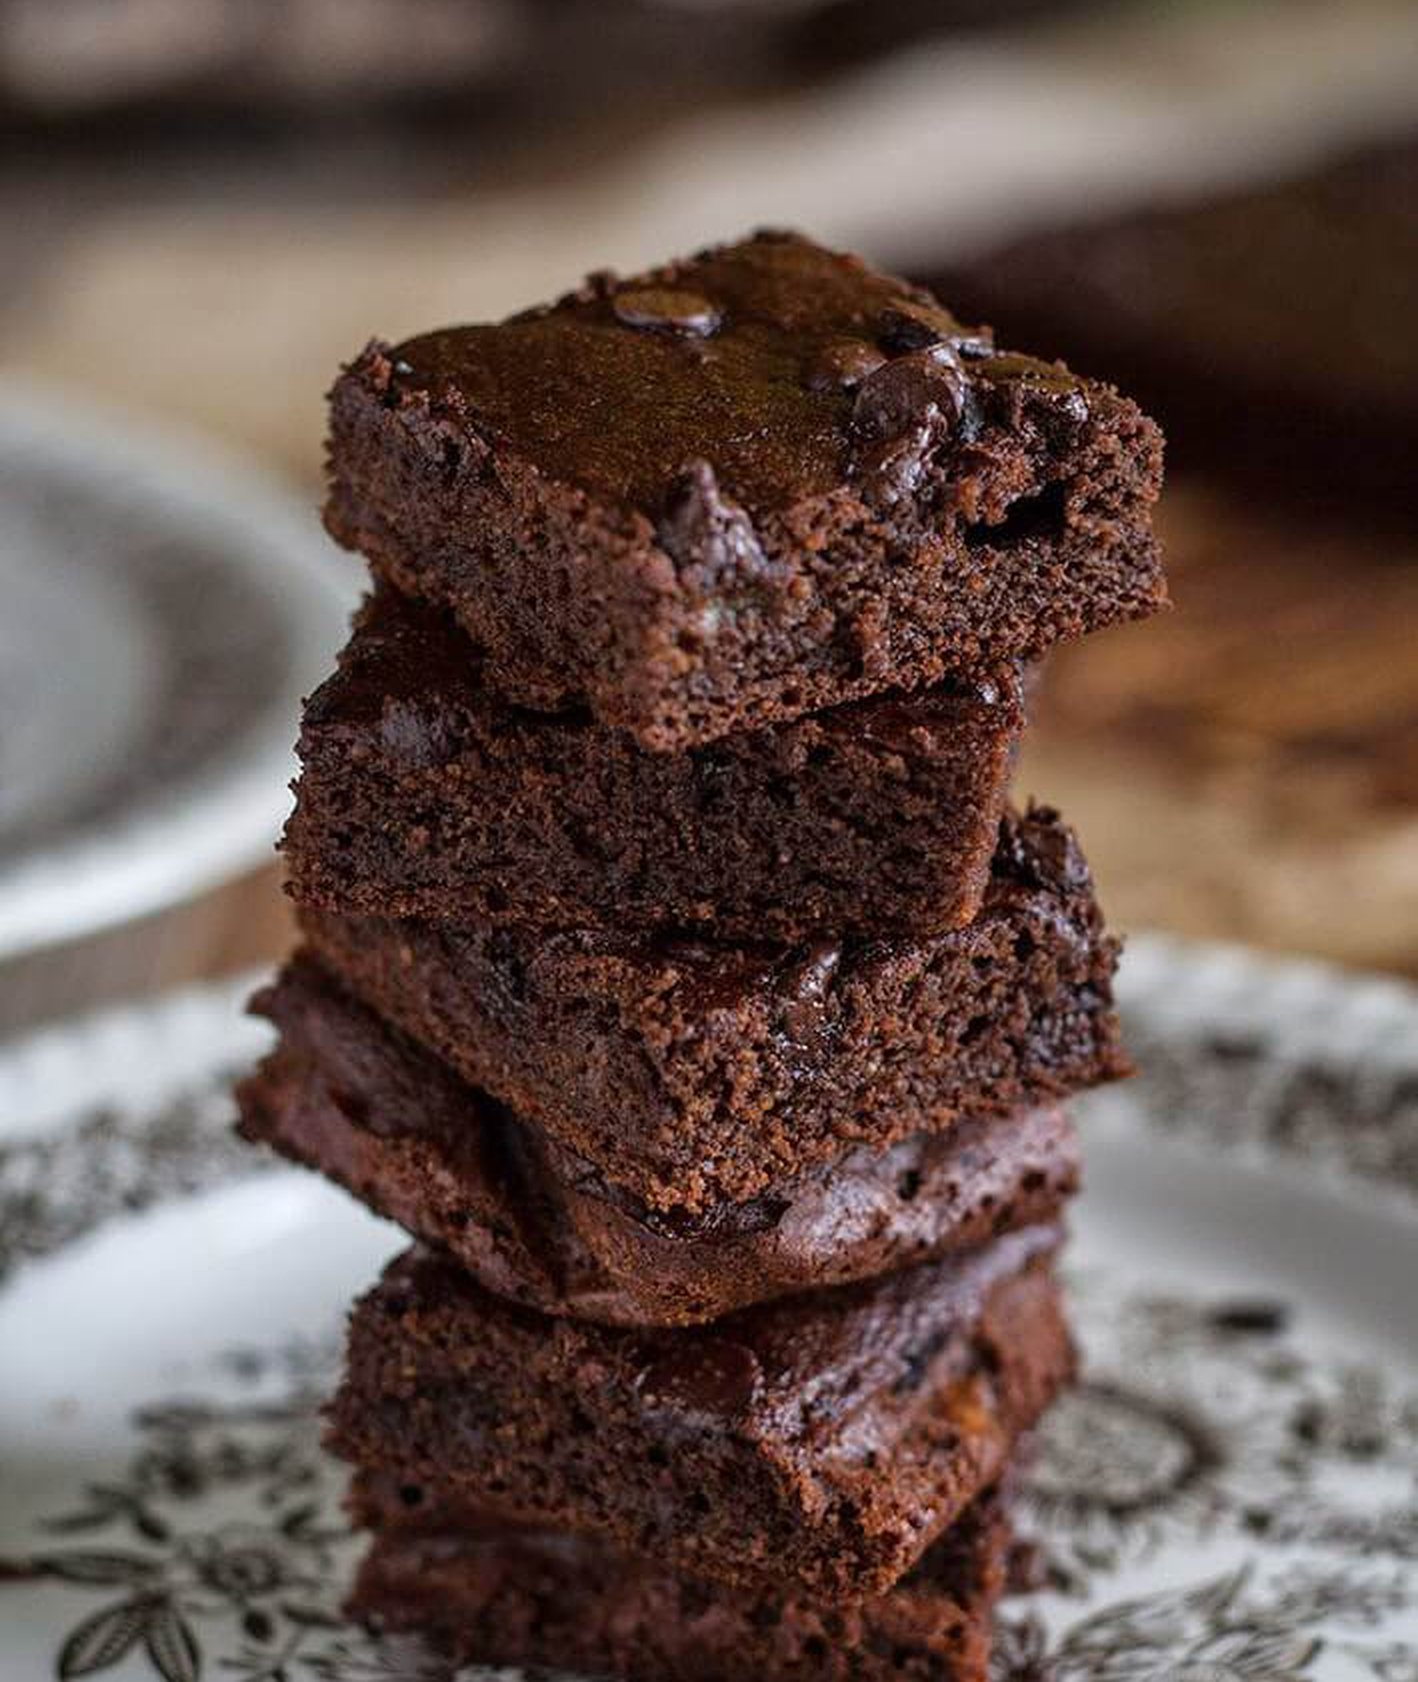 wegańskie bezglutenowe ciasto czekoladowe Alicja Rokicka Wegan nerd